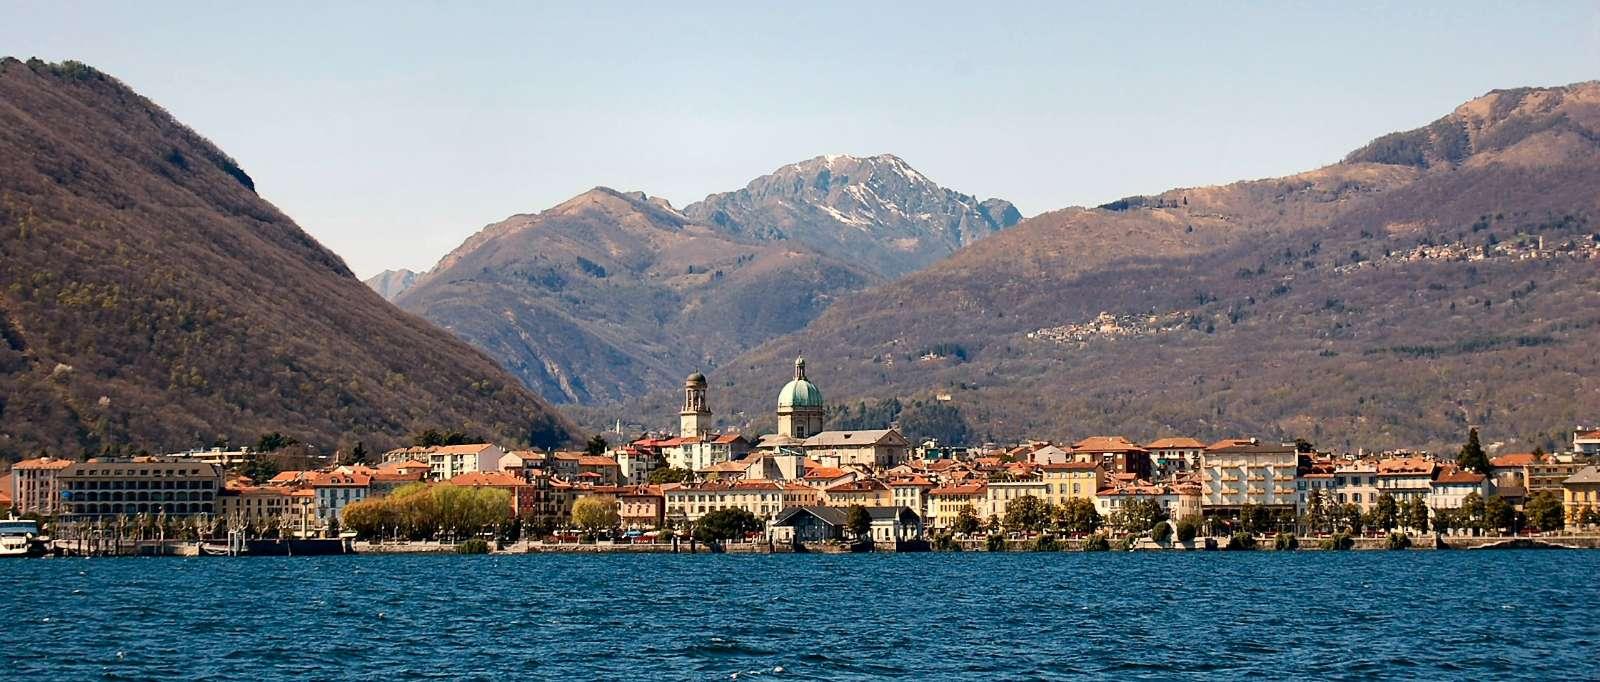 Maggioresjöns huvudstad Verbania